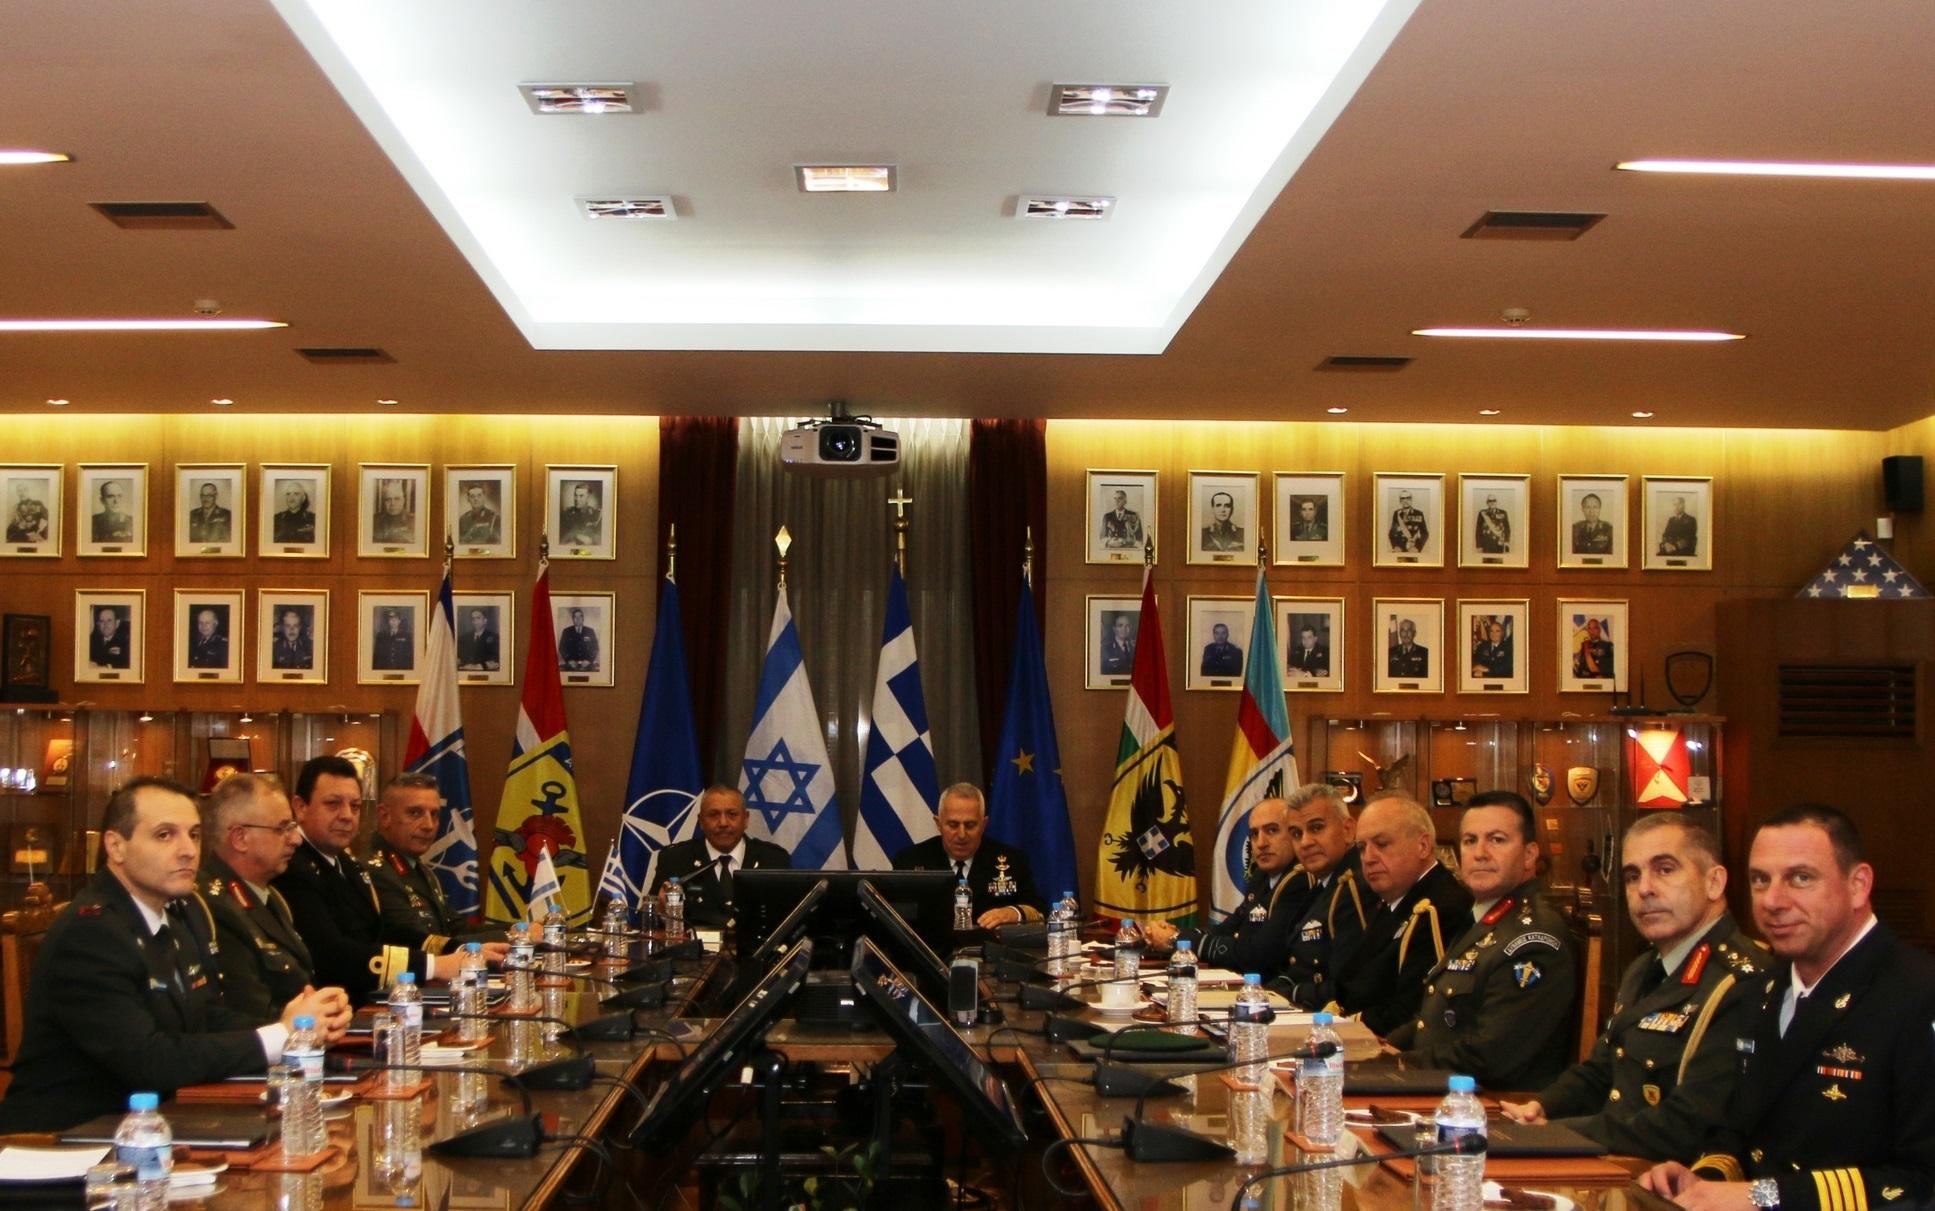 Προβληματισμός στο τουρκικό Γενικό Eπιτελείο: Ιδού τι σύμφωνησαν Ελλάδα και Ισραήλ – Ερχεται συνεκπαίδευση των Ελληνικών και Ισραηλινών ΕΔ - Εικόνα4